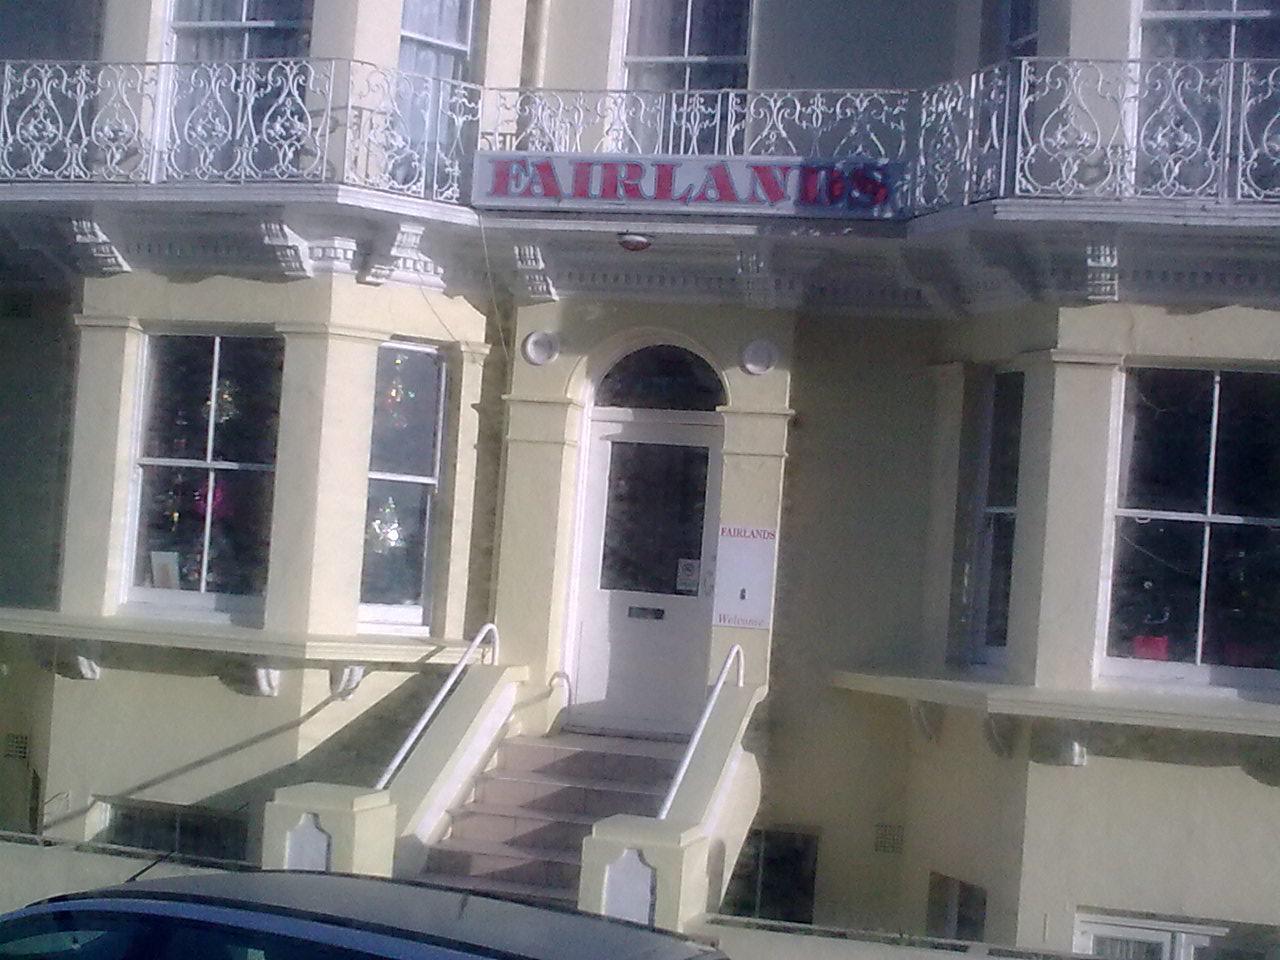 Fairlands Hotel